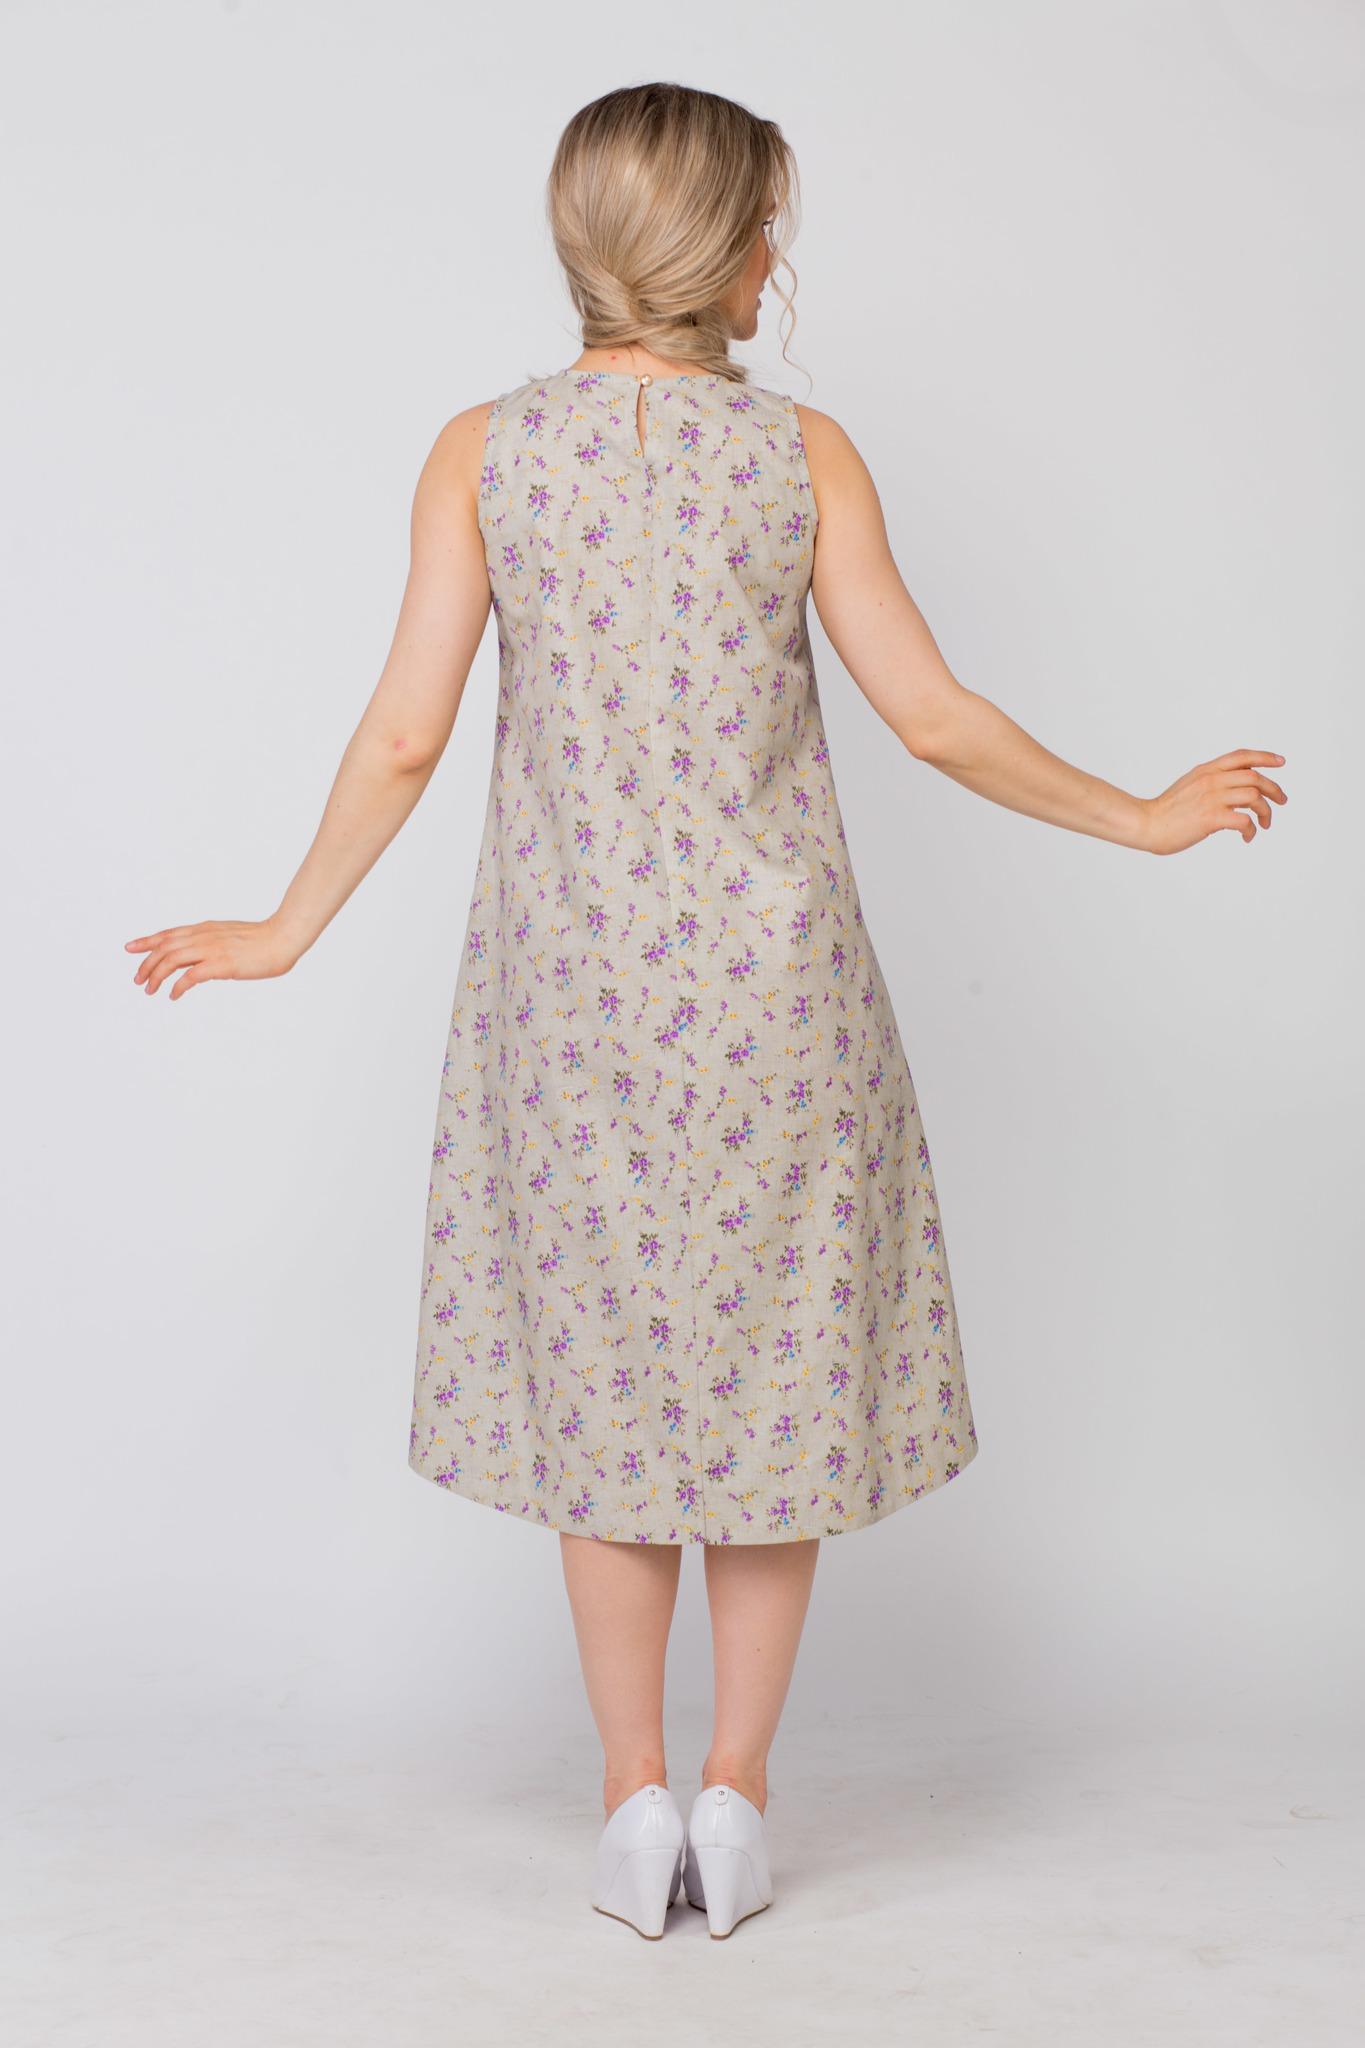 Платье льняное Очарование вид сзади